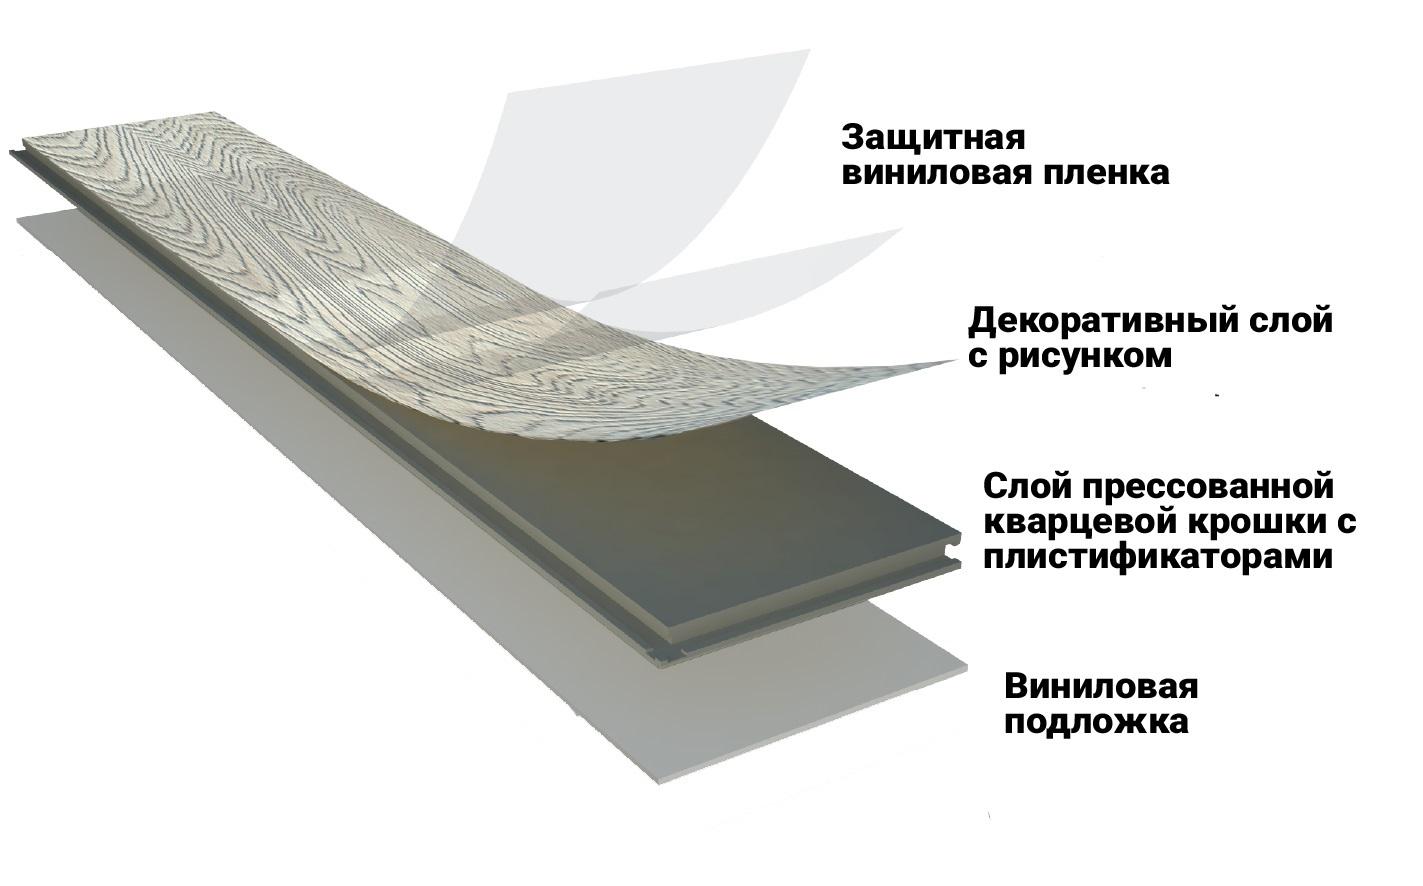 Какой виниловый ламинат лучше выбрать? какая у него стоимость за квадратный метр, и где его купить?